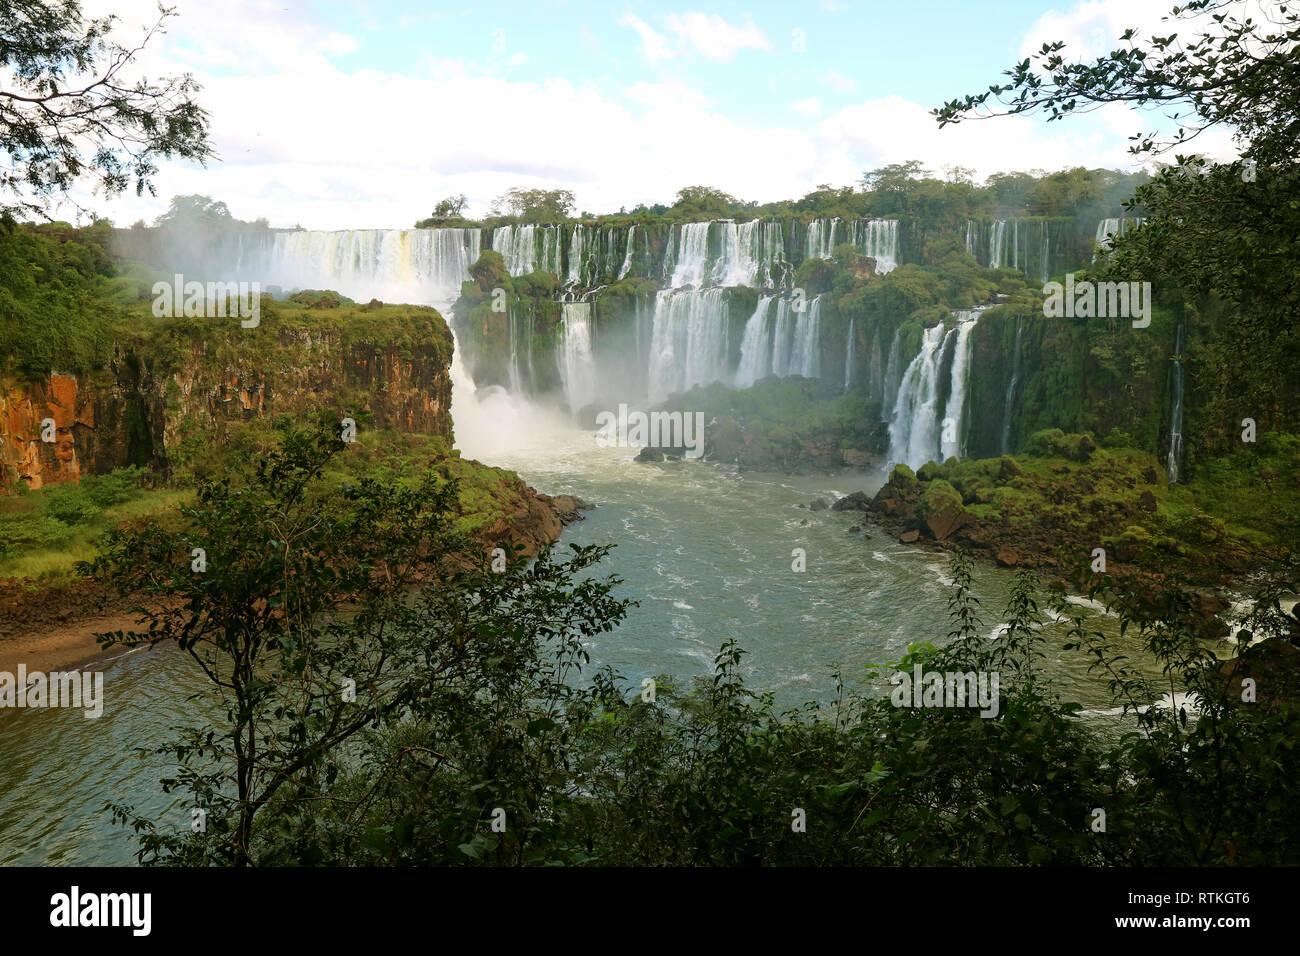 Superbe vue panoramique sur les chutes d'Iguaçu côté Argentin, au Parc National de l'Iguazu, Argentine, Amérique du Sud Banque D'Images